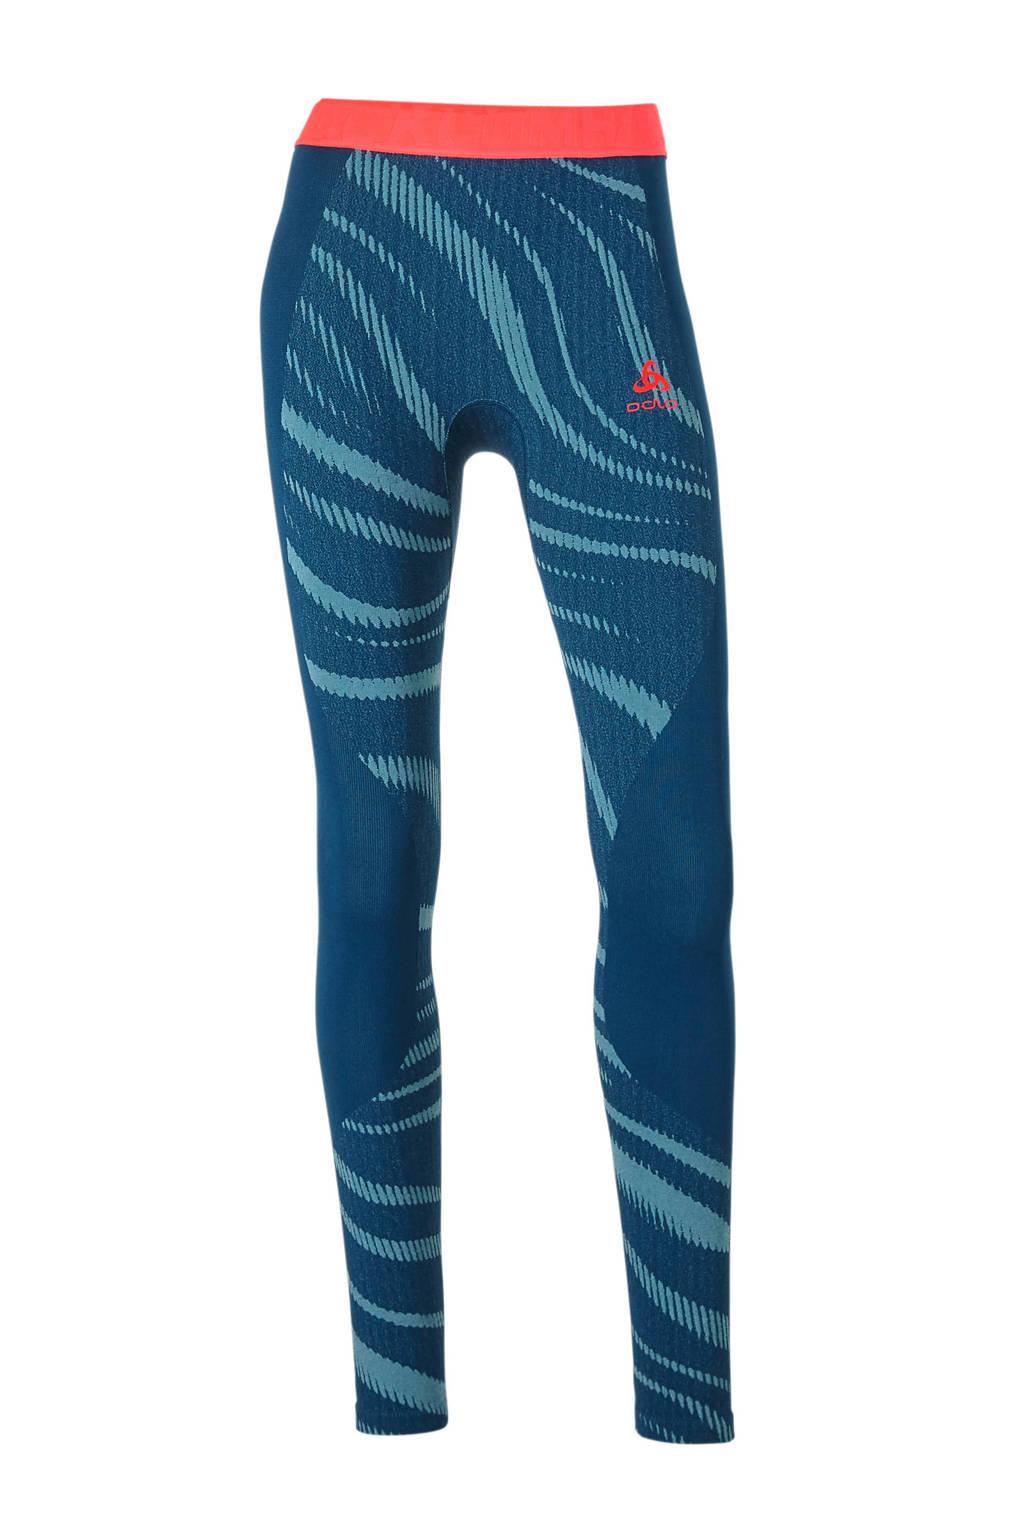 Odlo sportlegging Thermo blauw, Blauw/roze